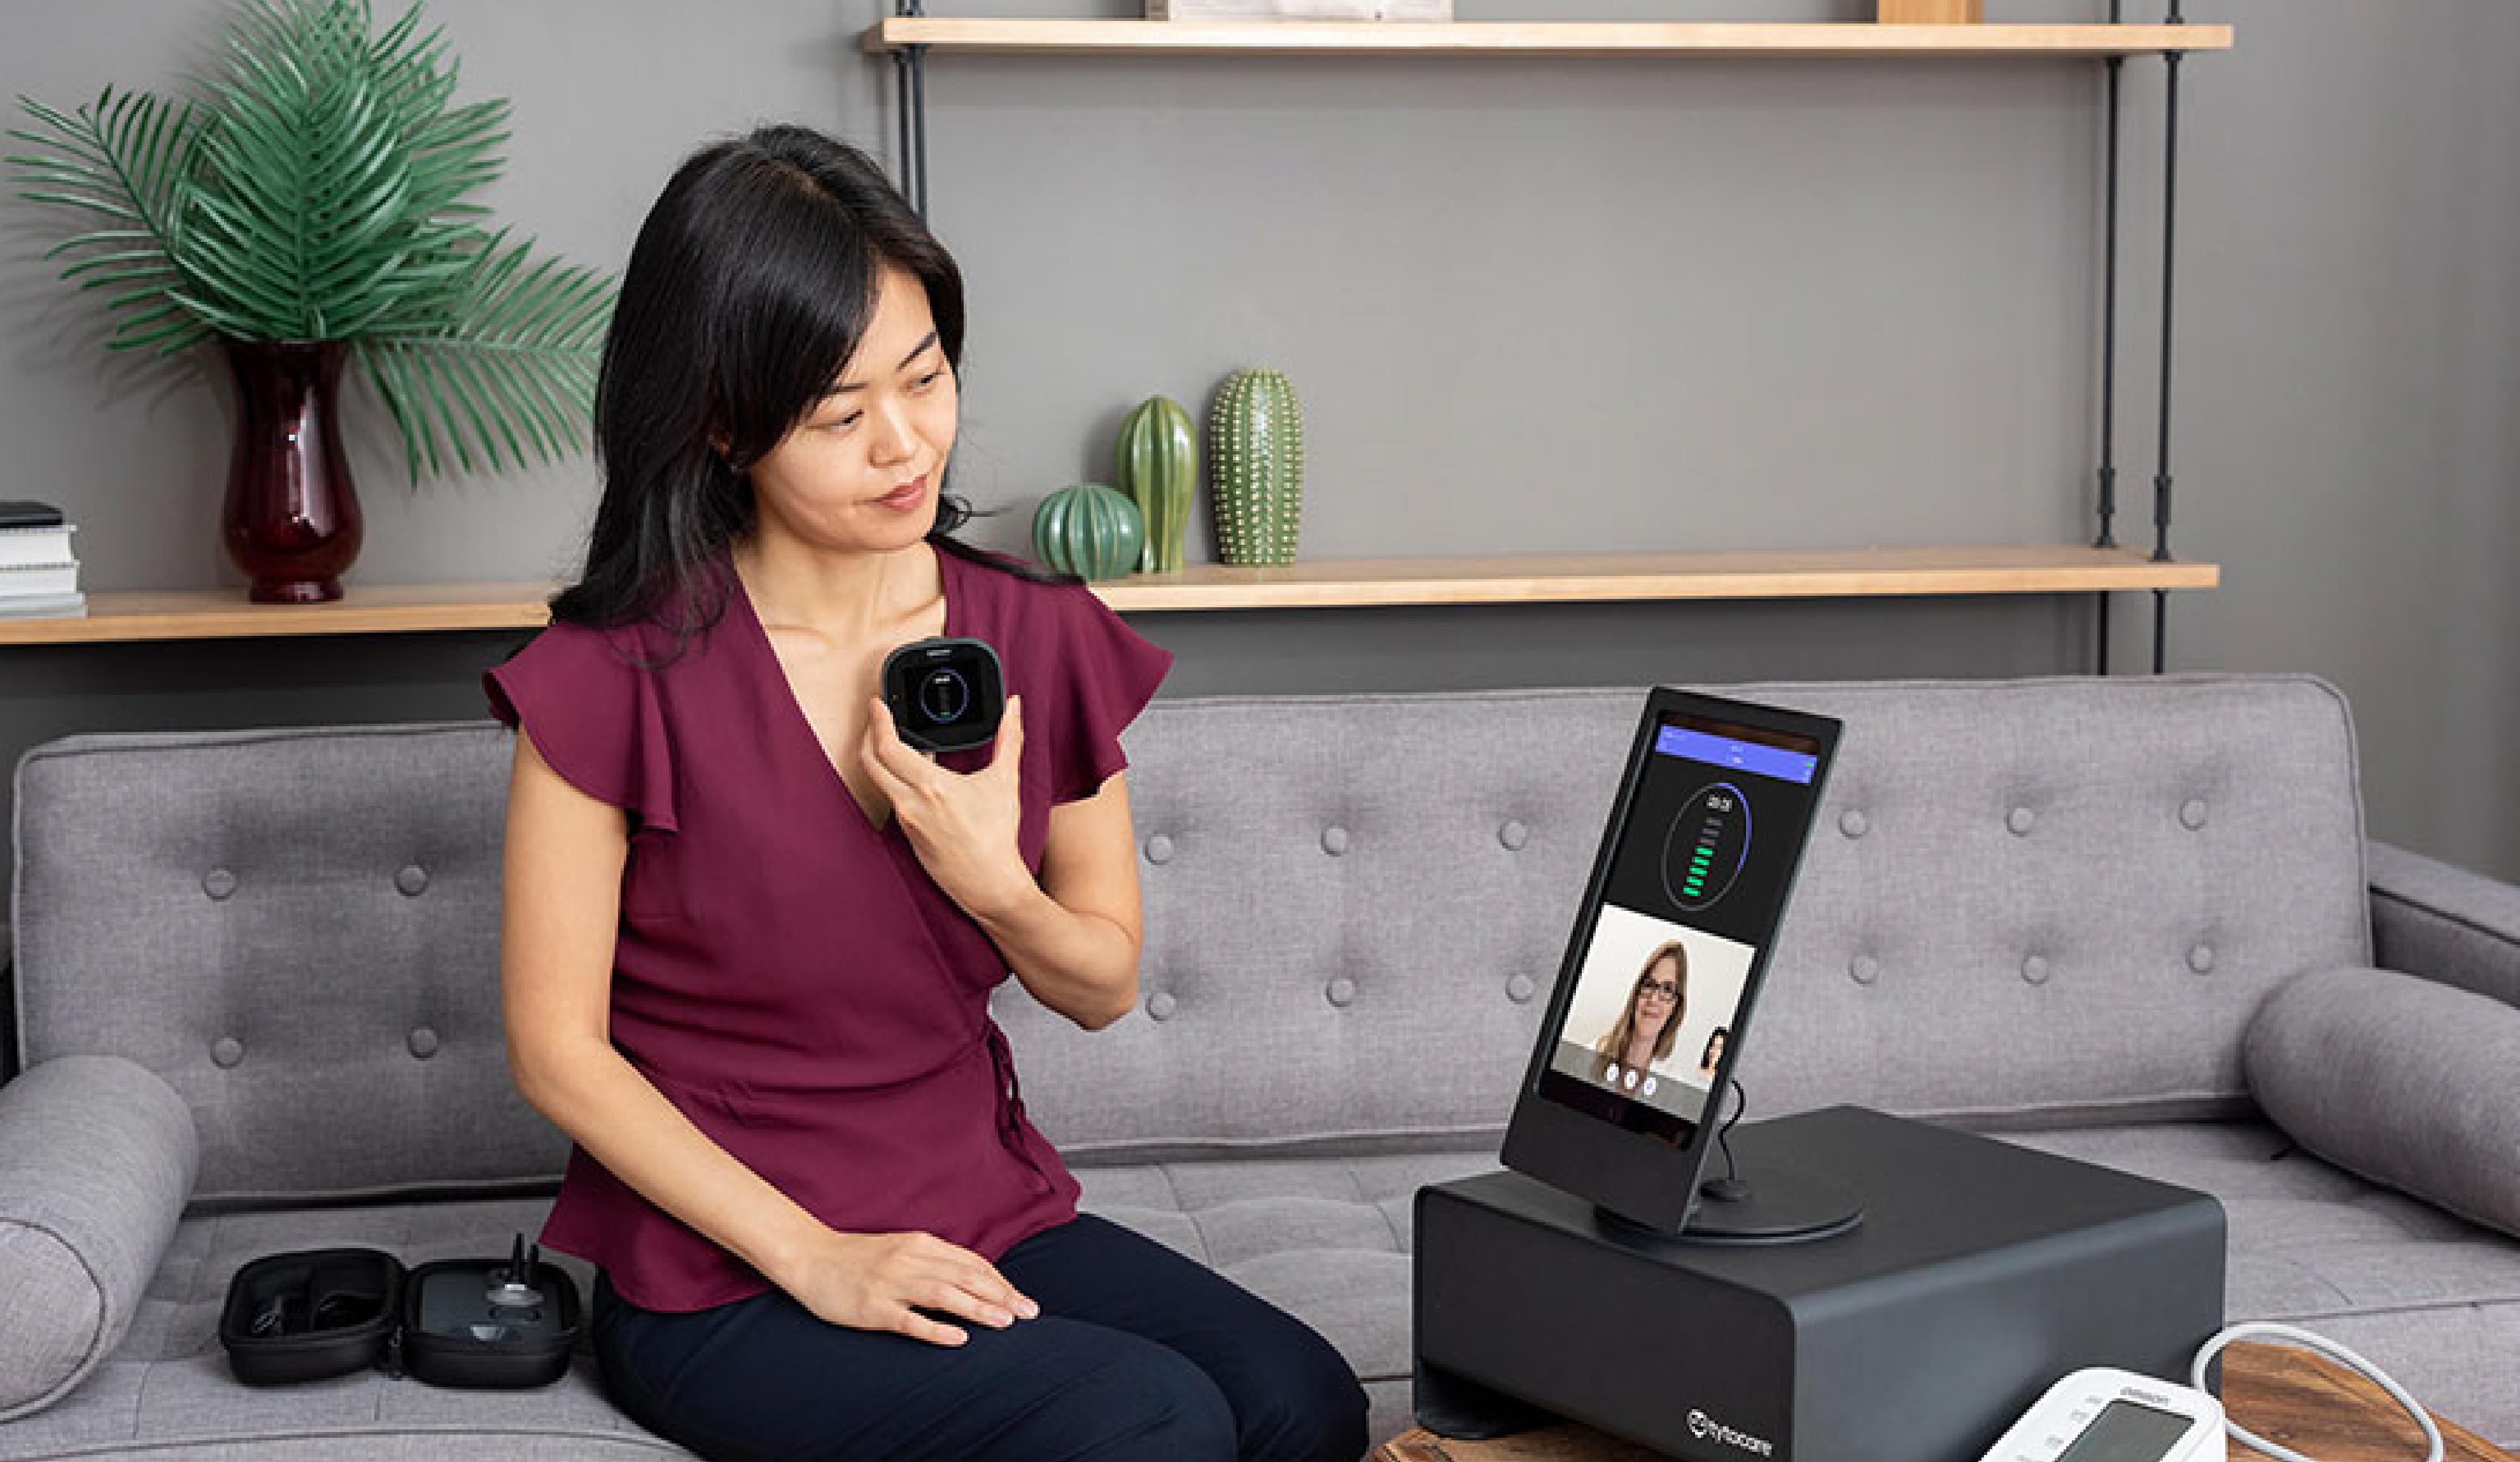 Beneficios de utilizar dispositivos para telemedicina